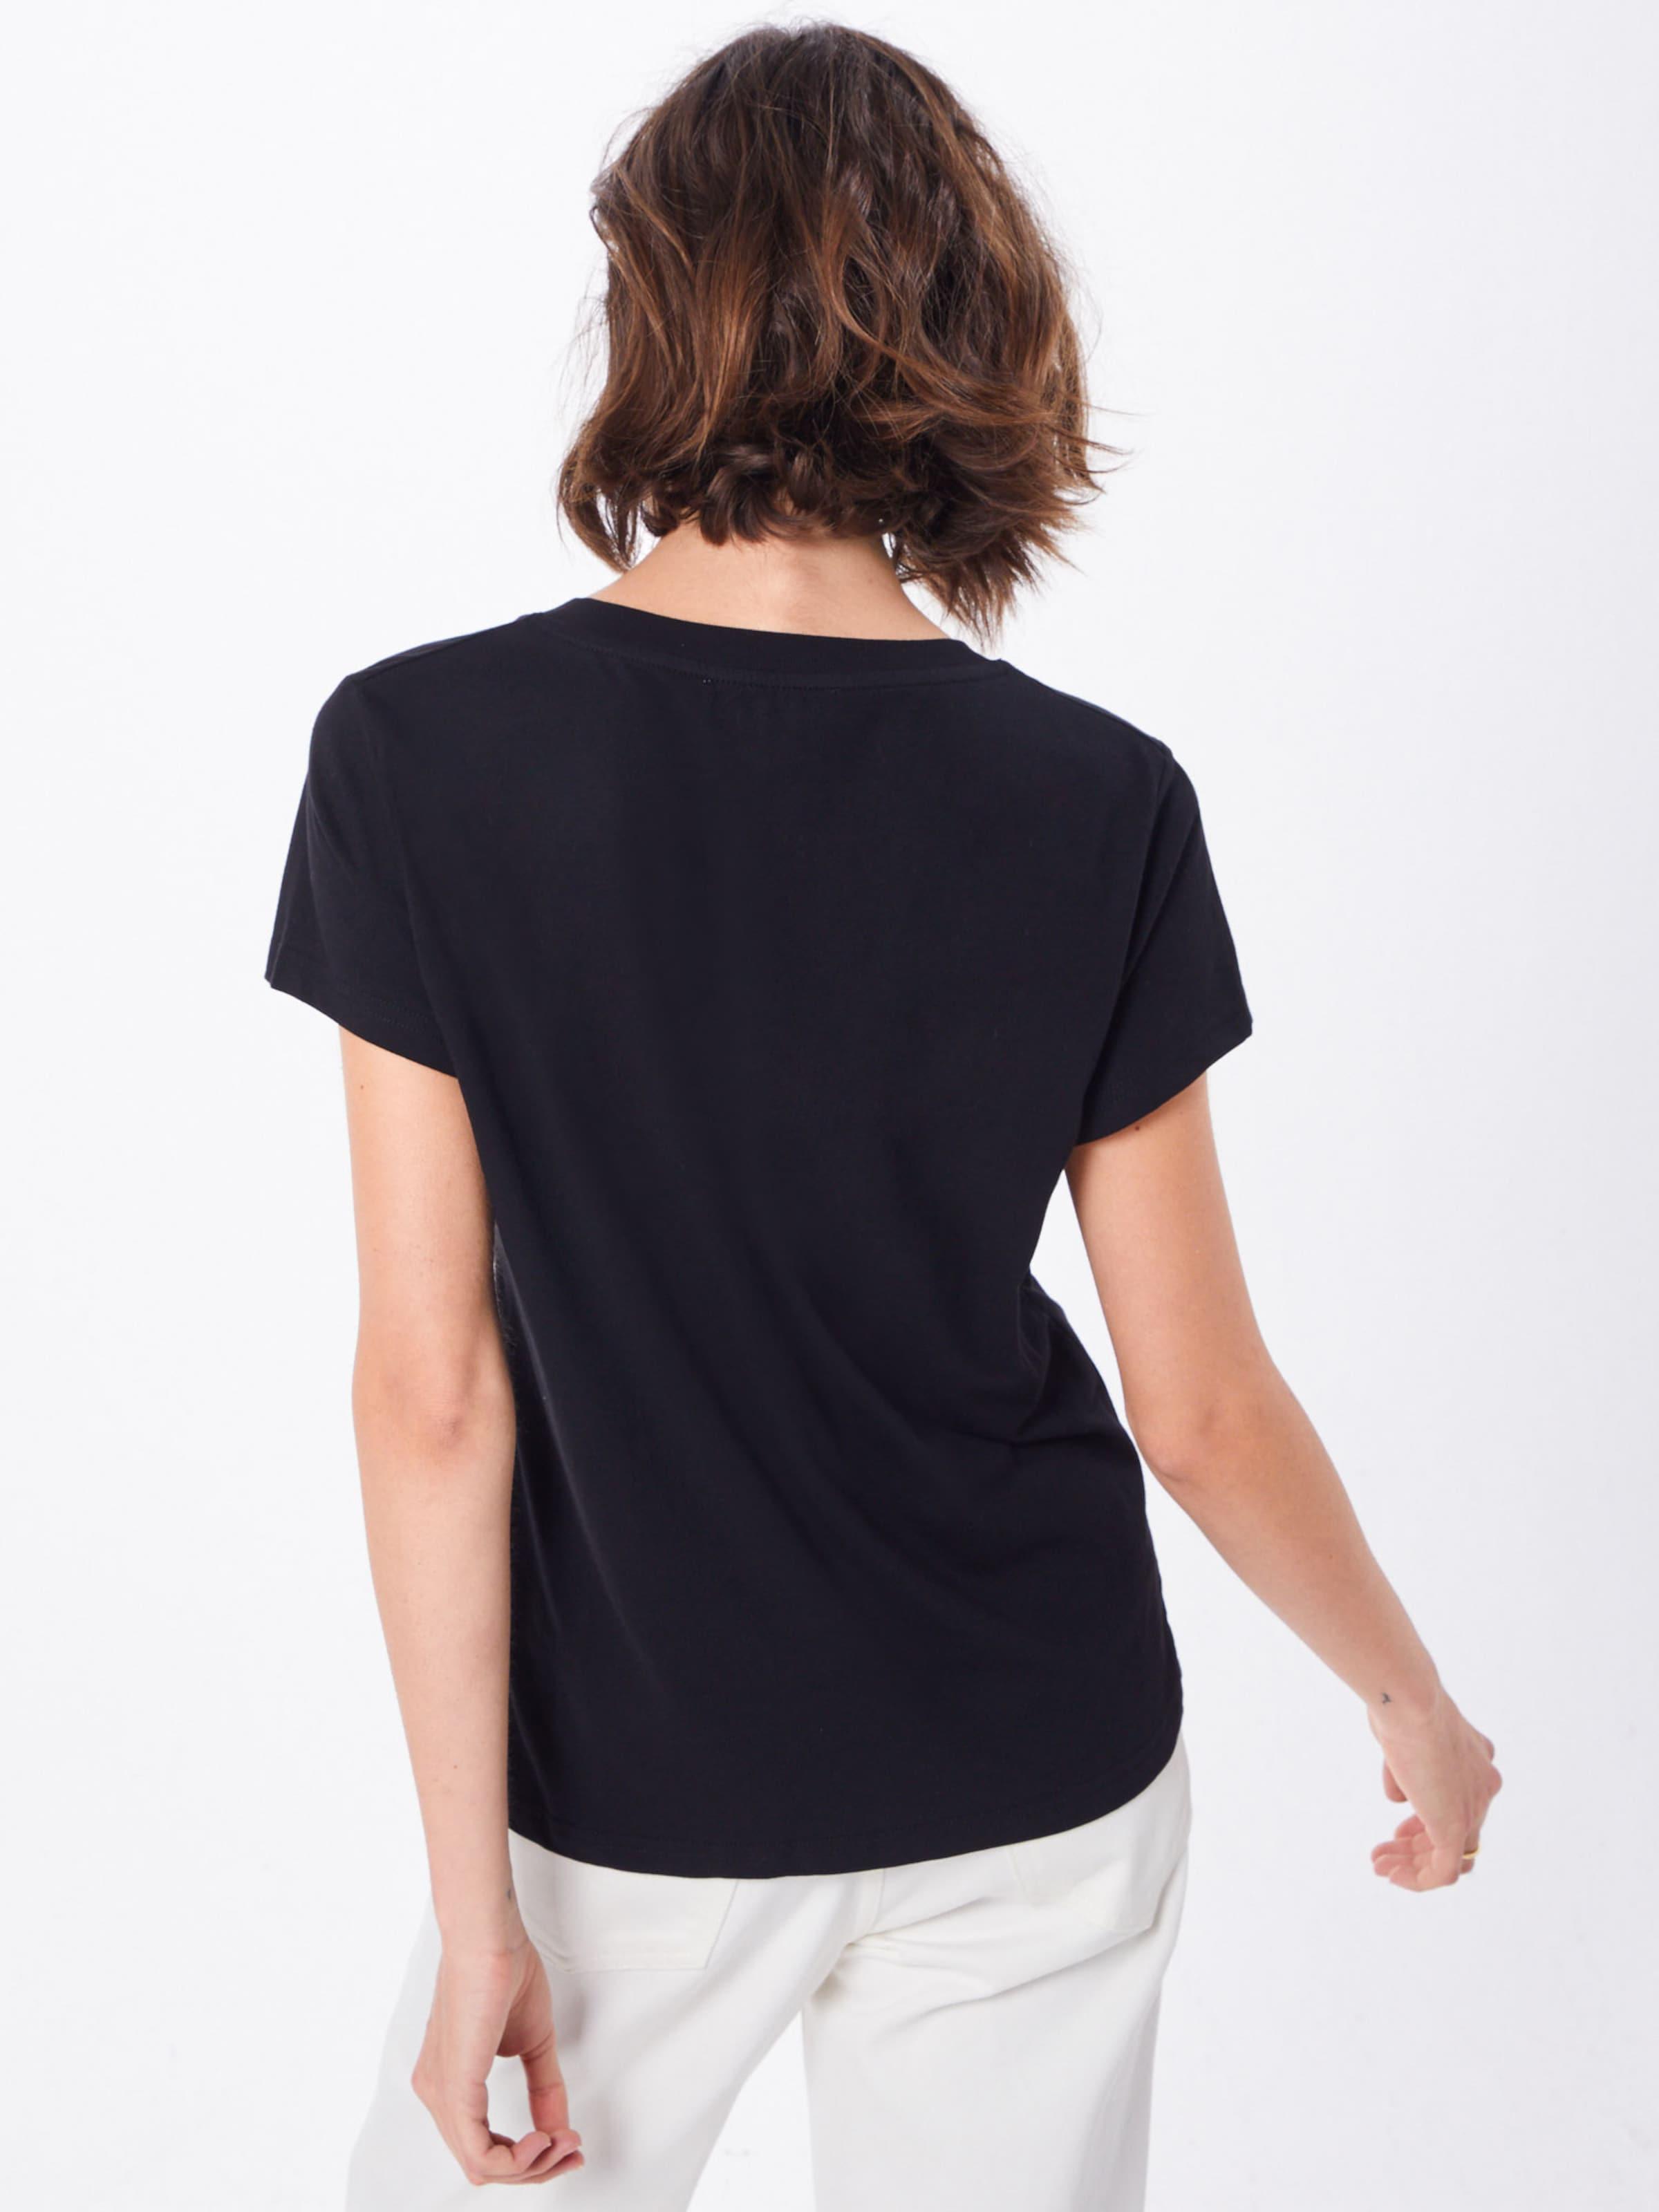 Samsoeamp; Schwarz 'solly' Shirt In Samsoeamp; Shirt 6YIb7yvfg